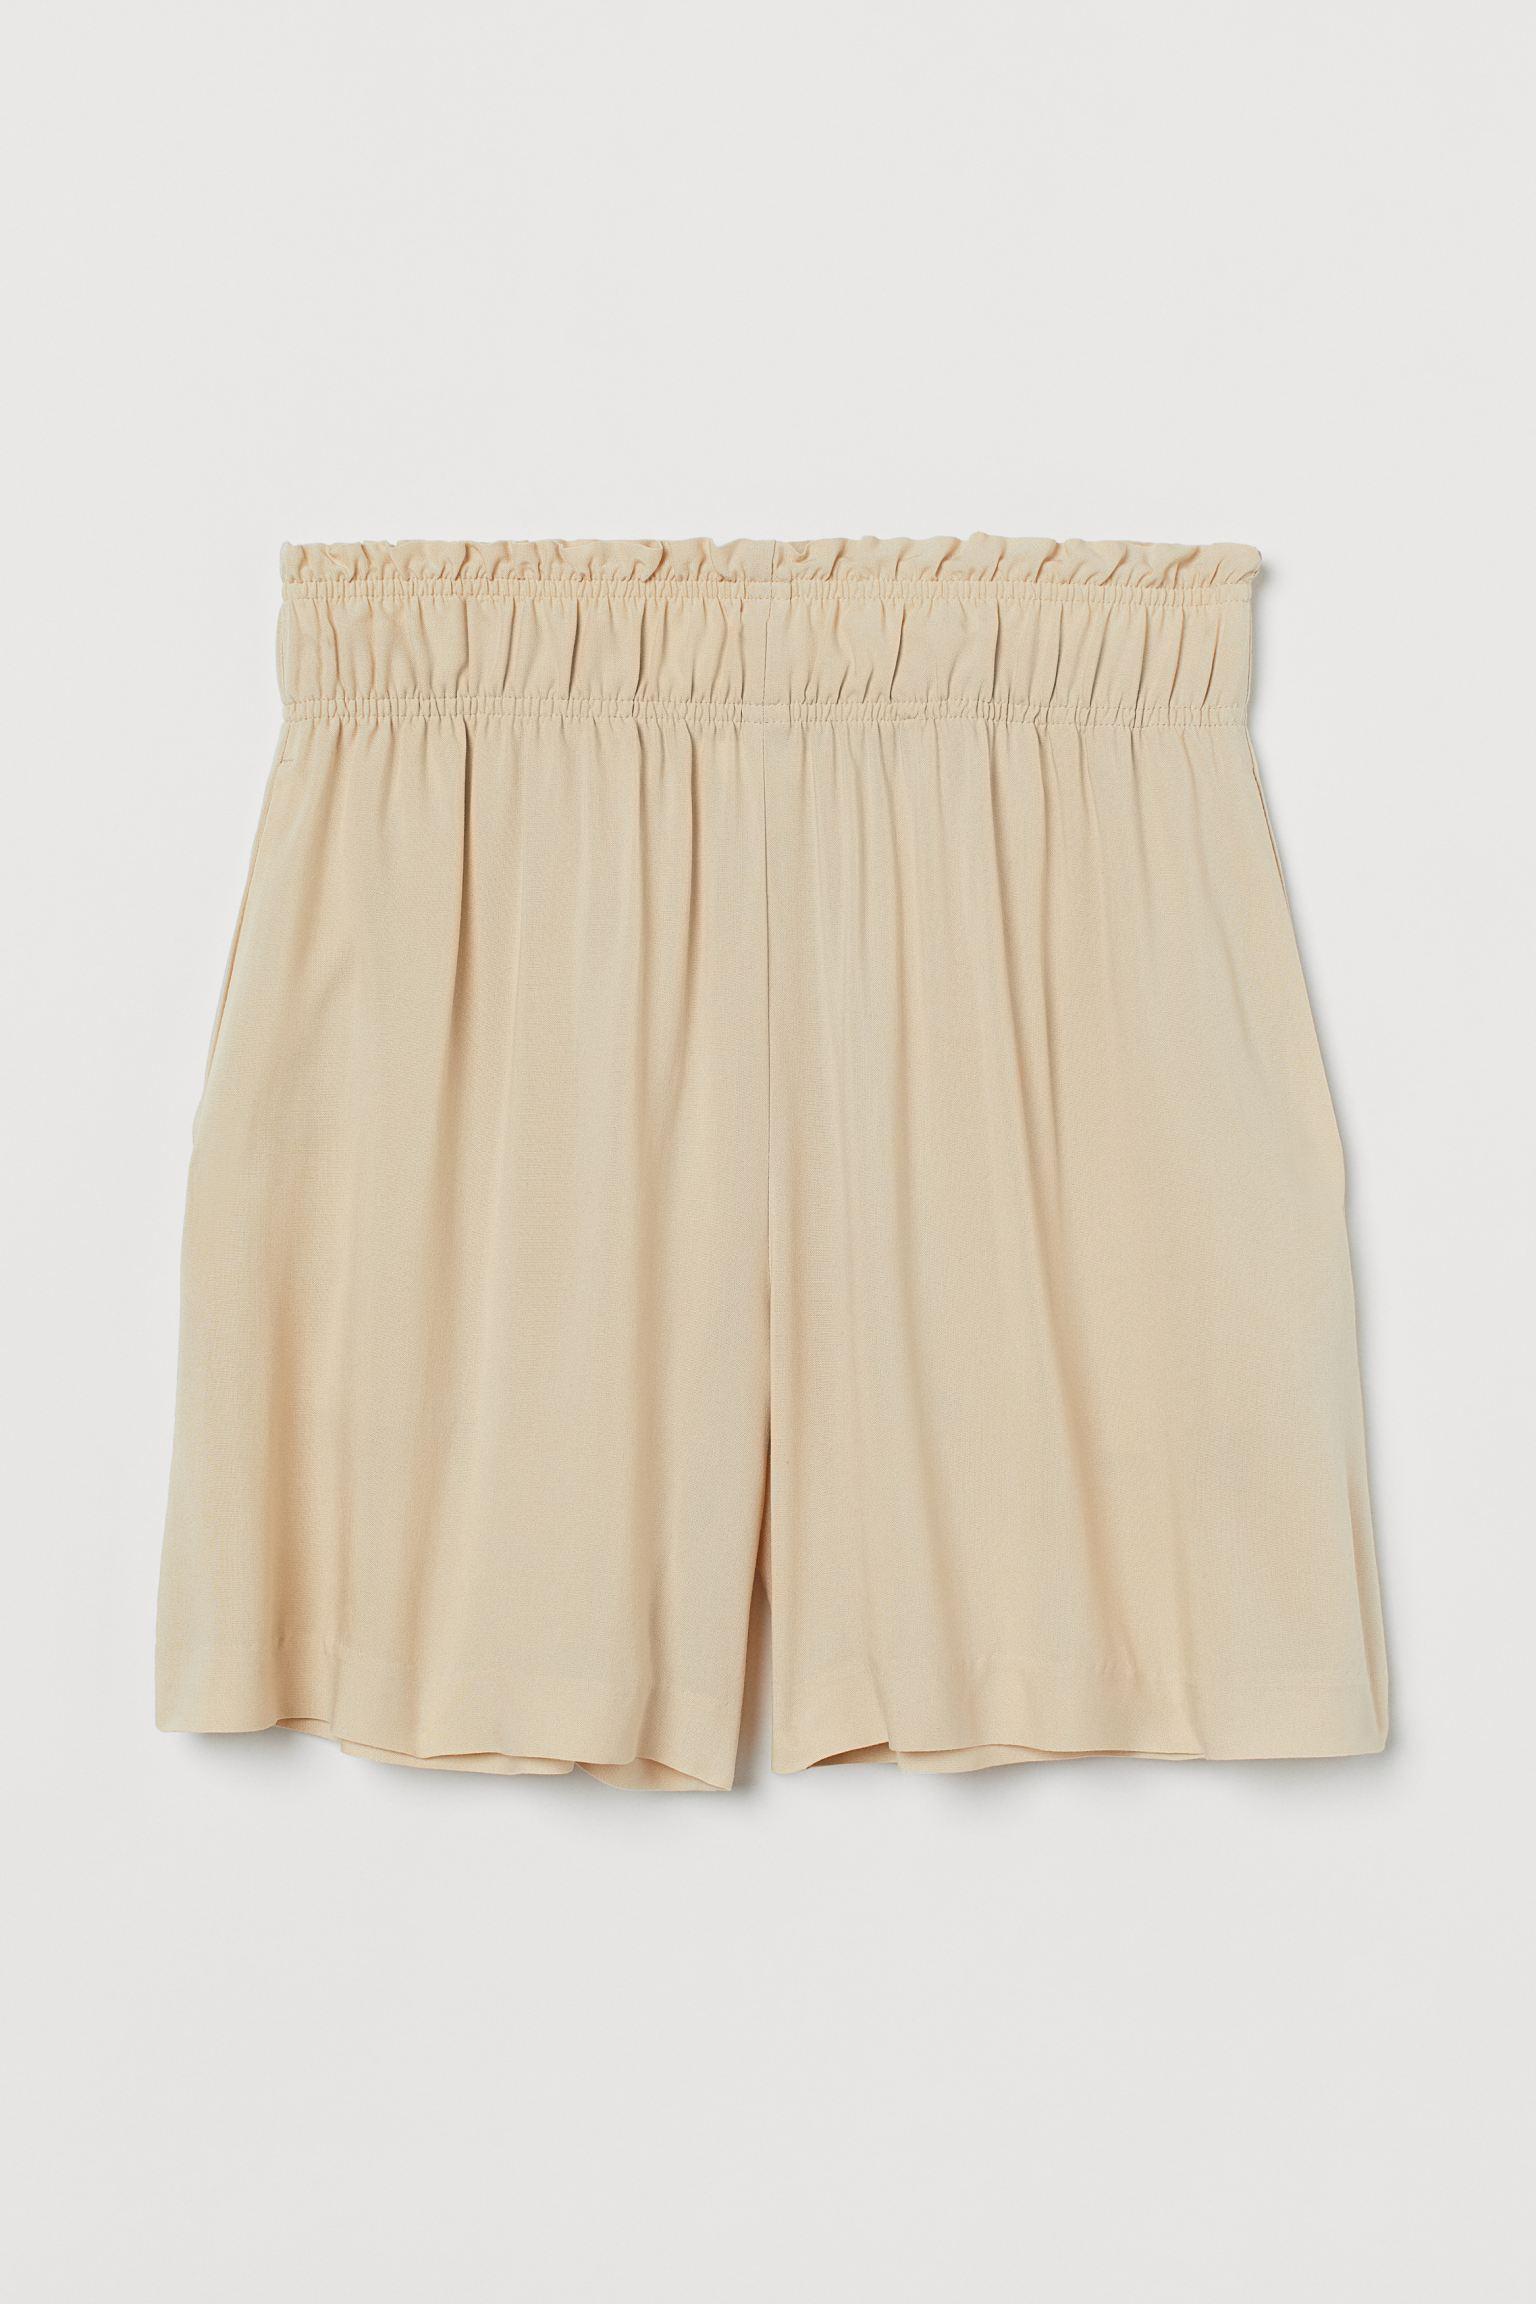 Pantalón corto de talle alto de color beige claro